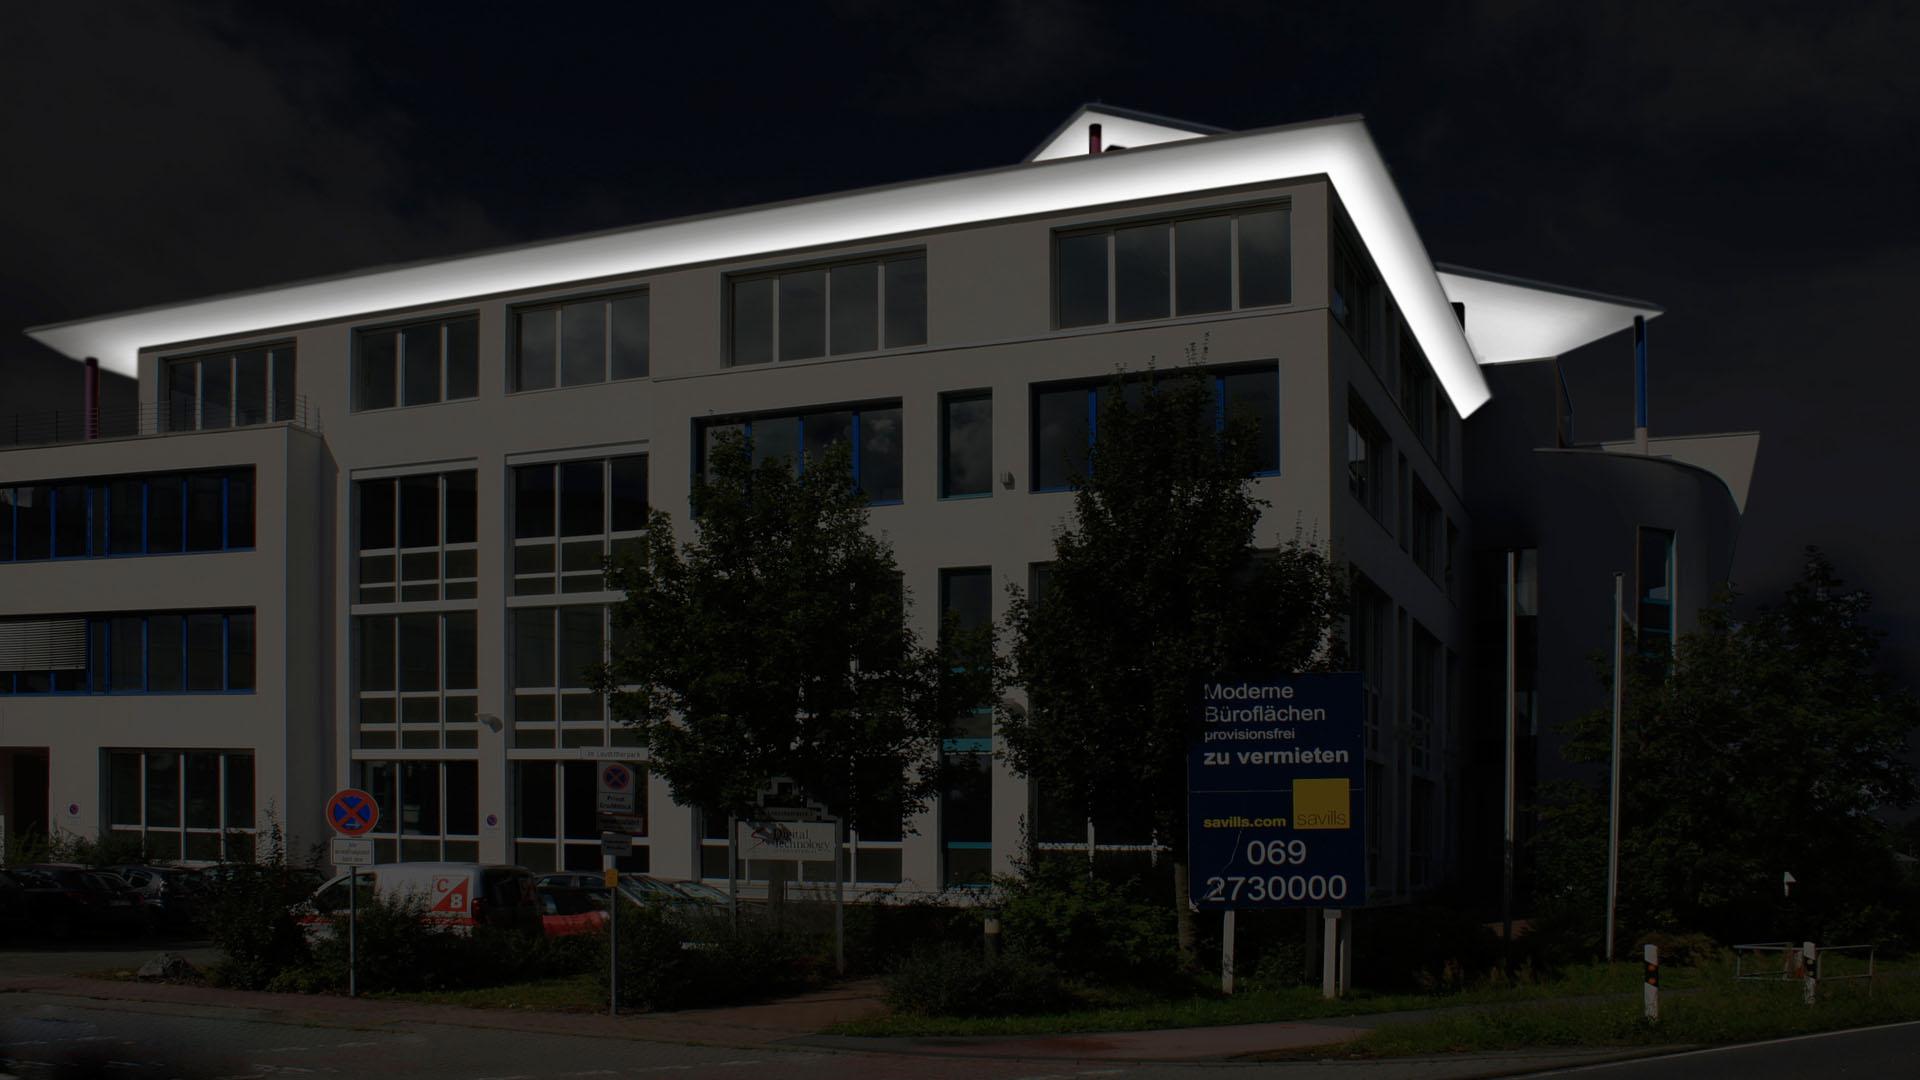 MAASS-Lichtplanung_Fassadenillumination in Darmstadt__MAASS-Leuschner-Park-005